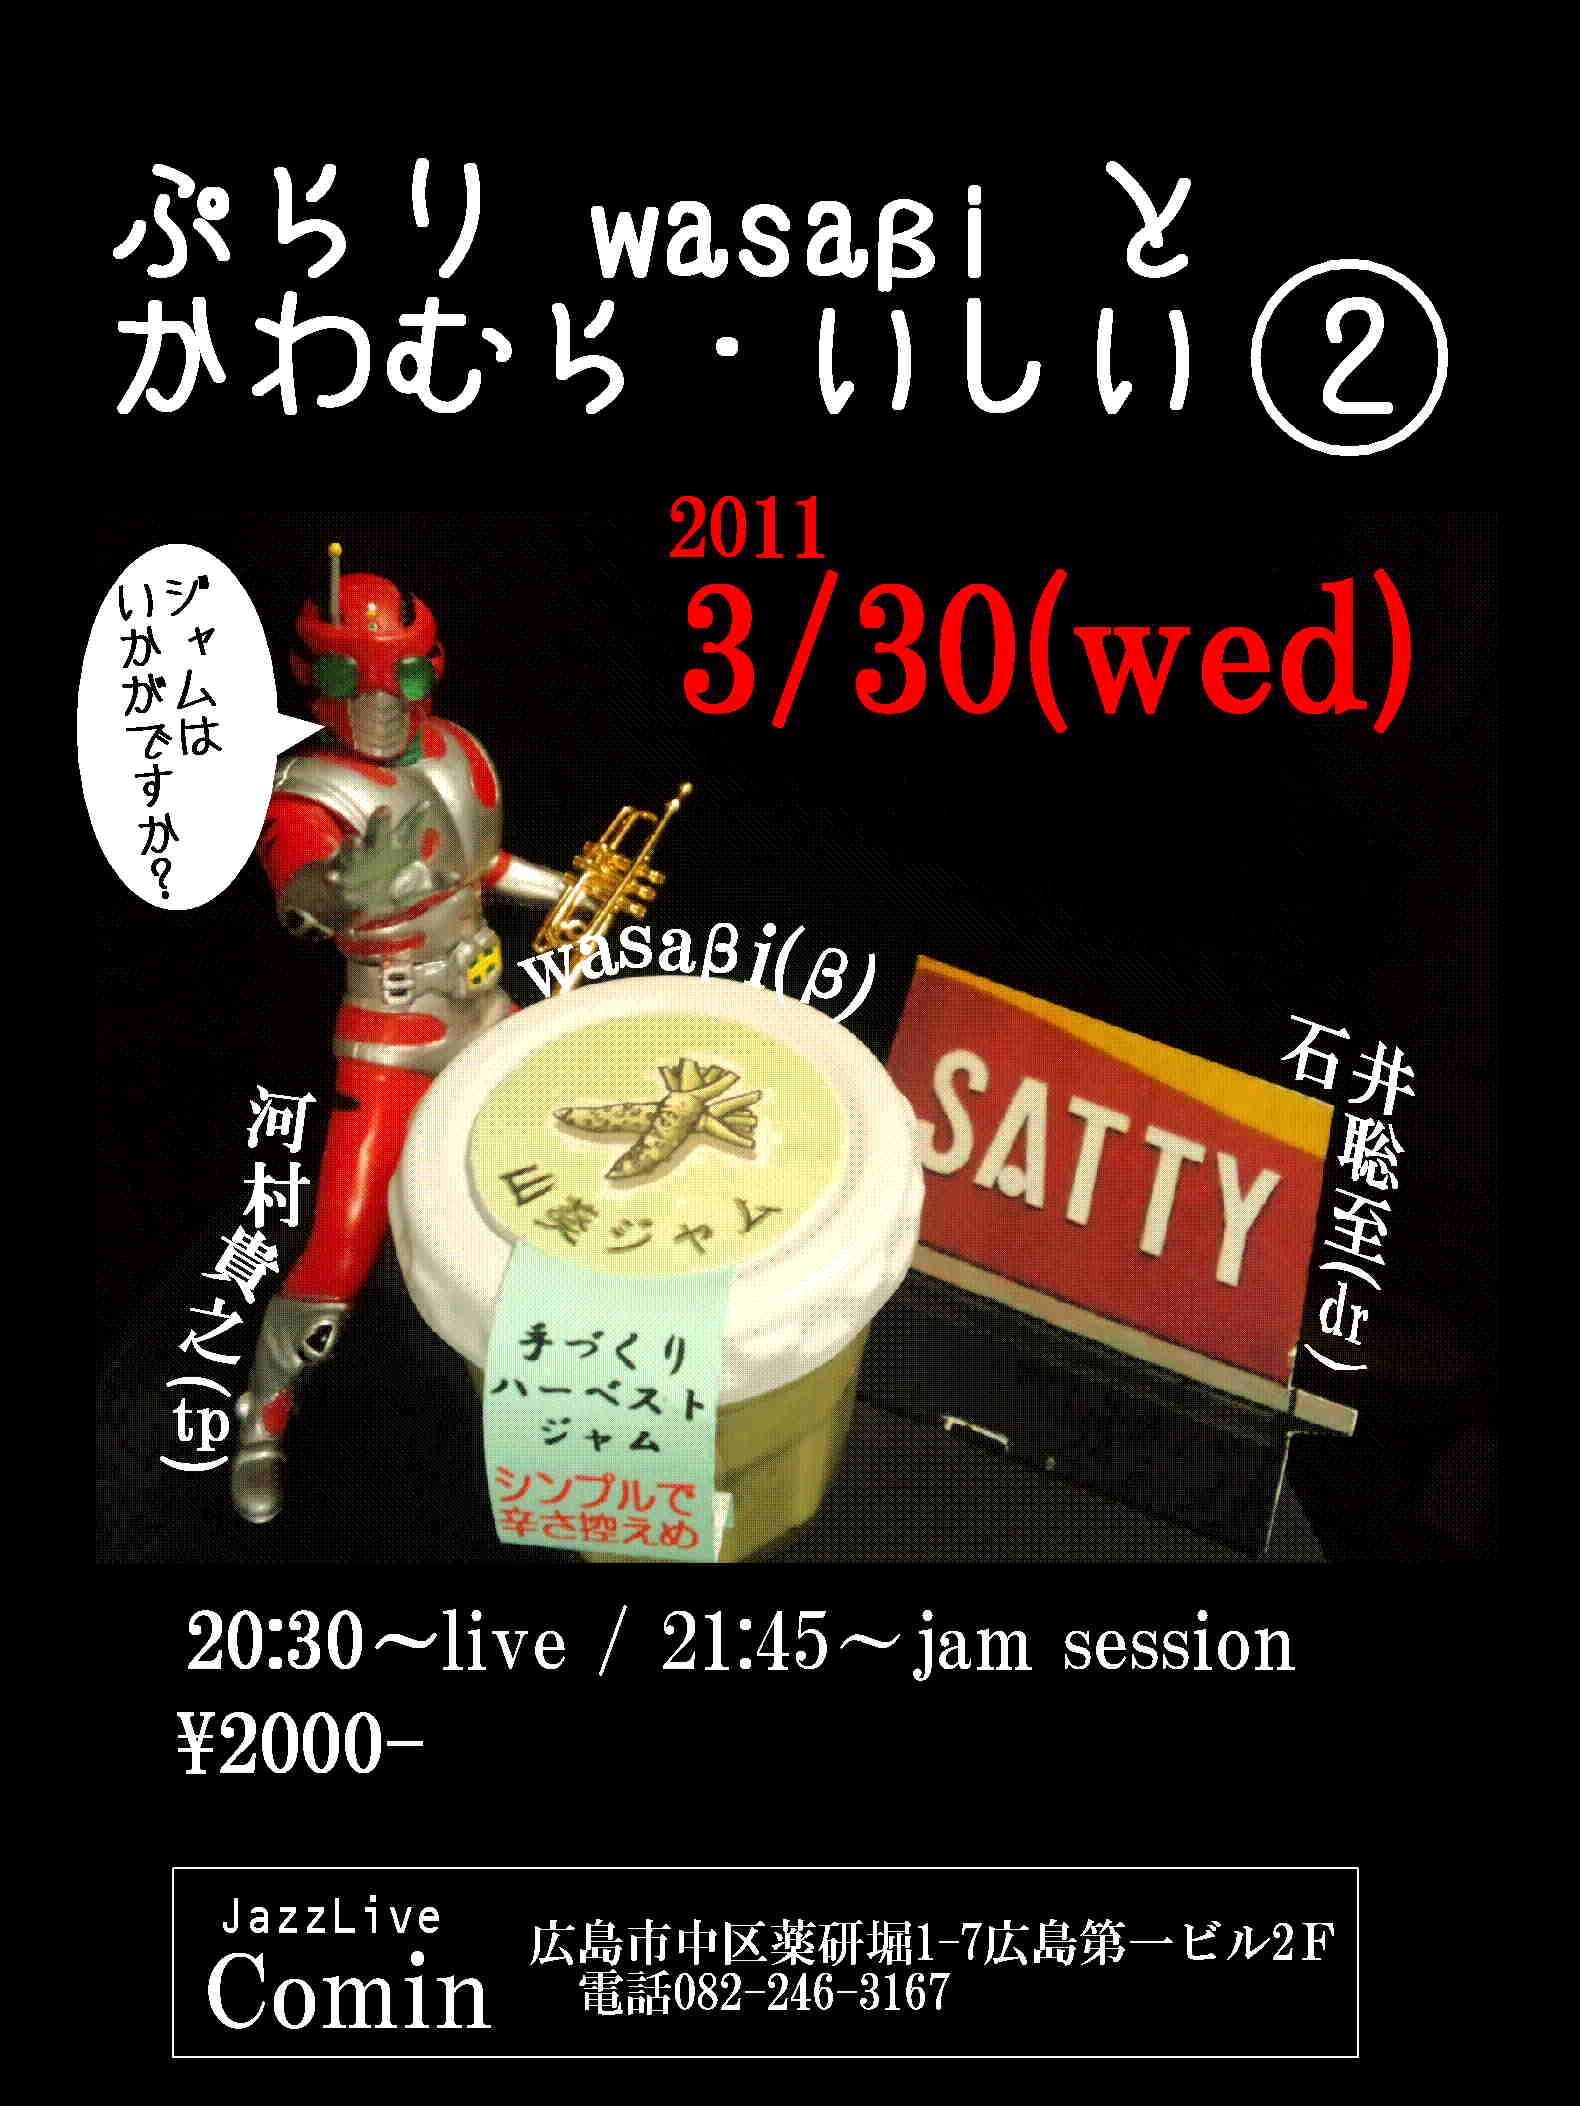 3月30日(水) ぷらりwasaβiと かわむら・いしい_b0117570_1336544.jpg